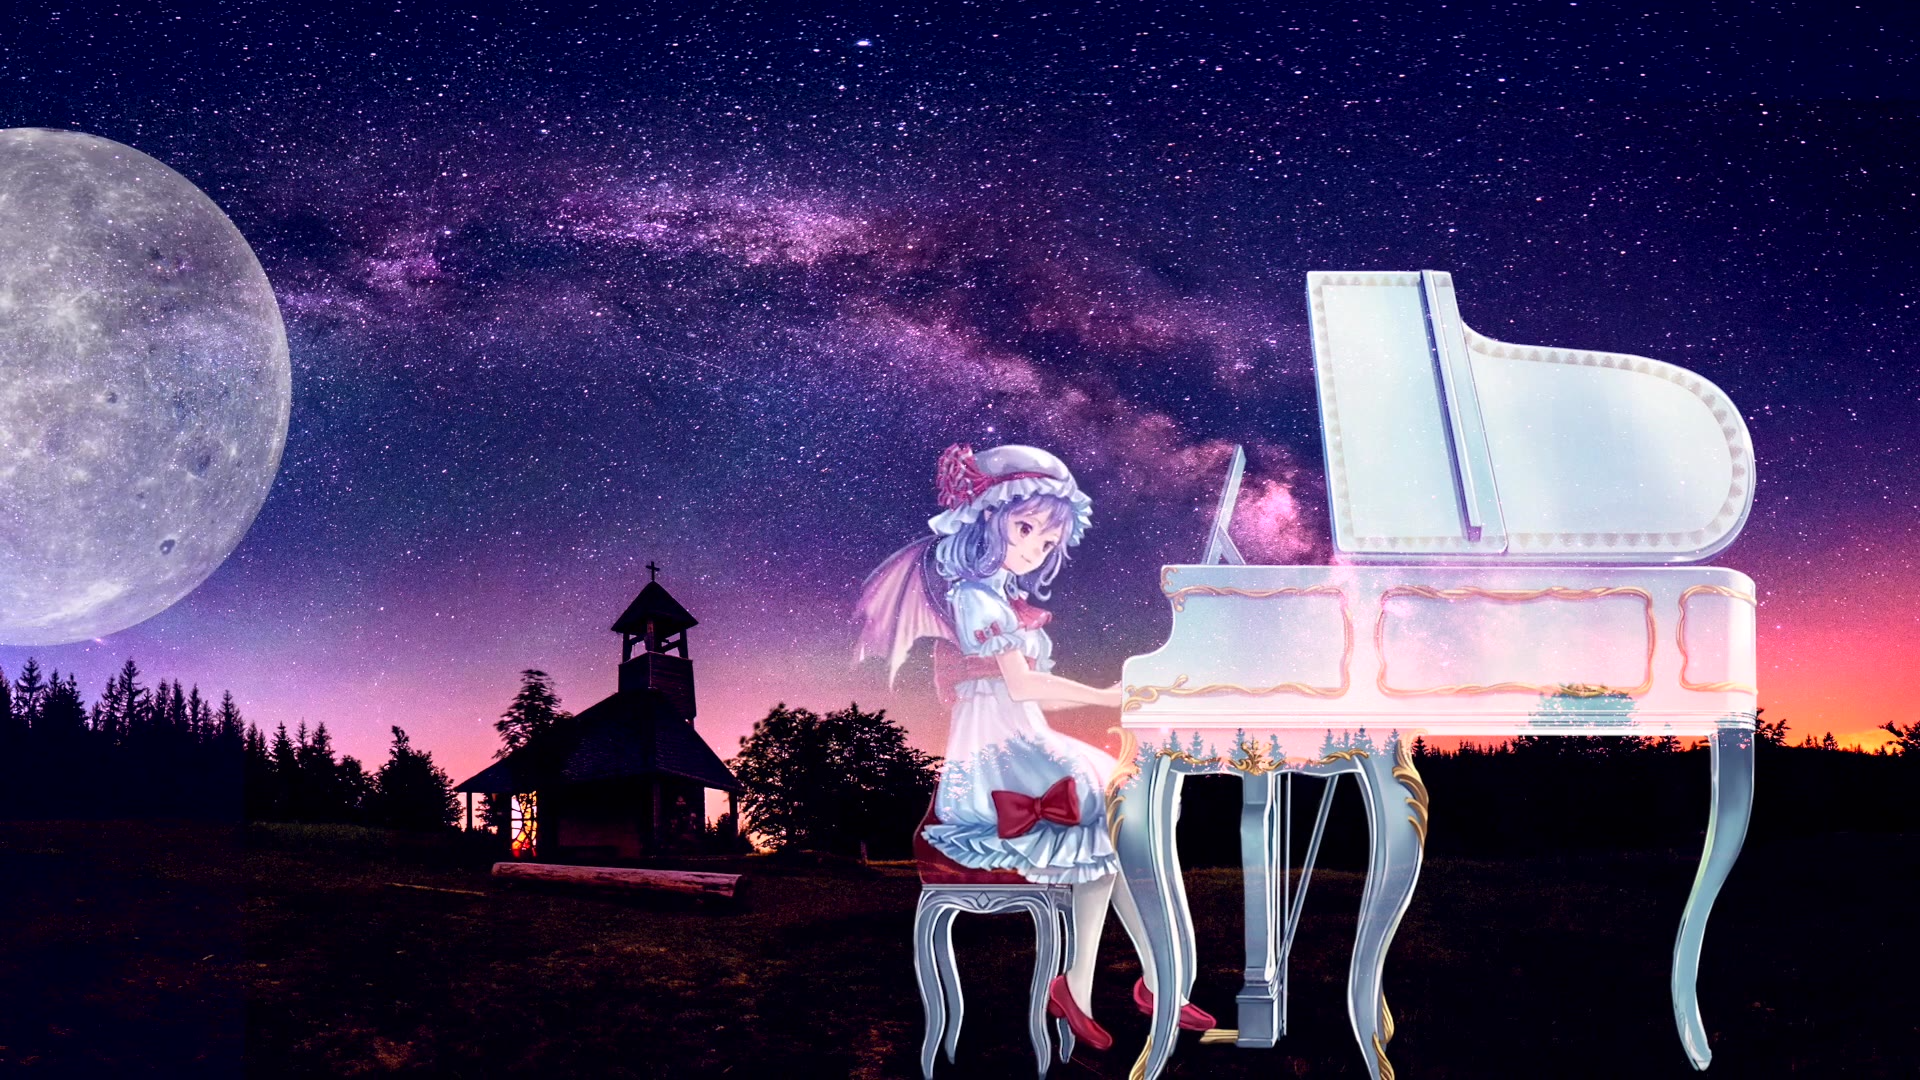 【东方】钢琴独奏 女仆与血时计 1小时助眠LIVE演奏【TAMUSIC】